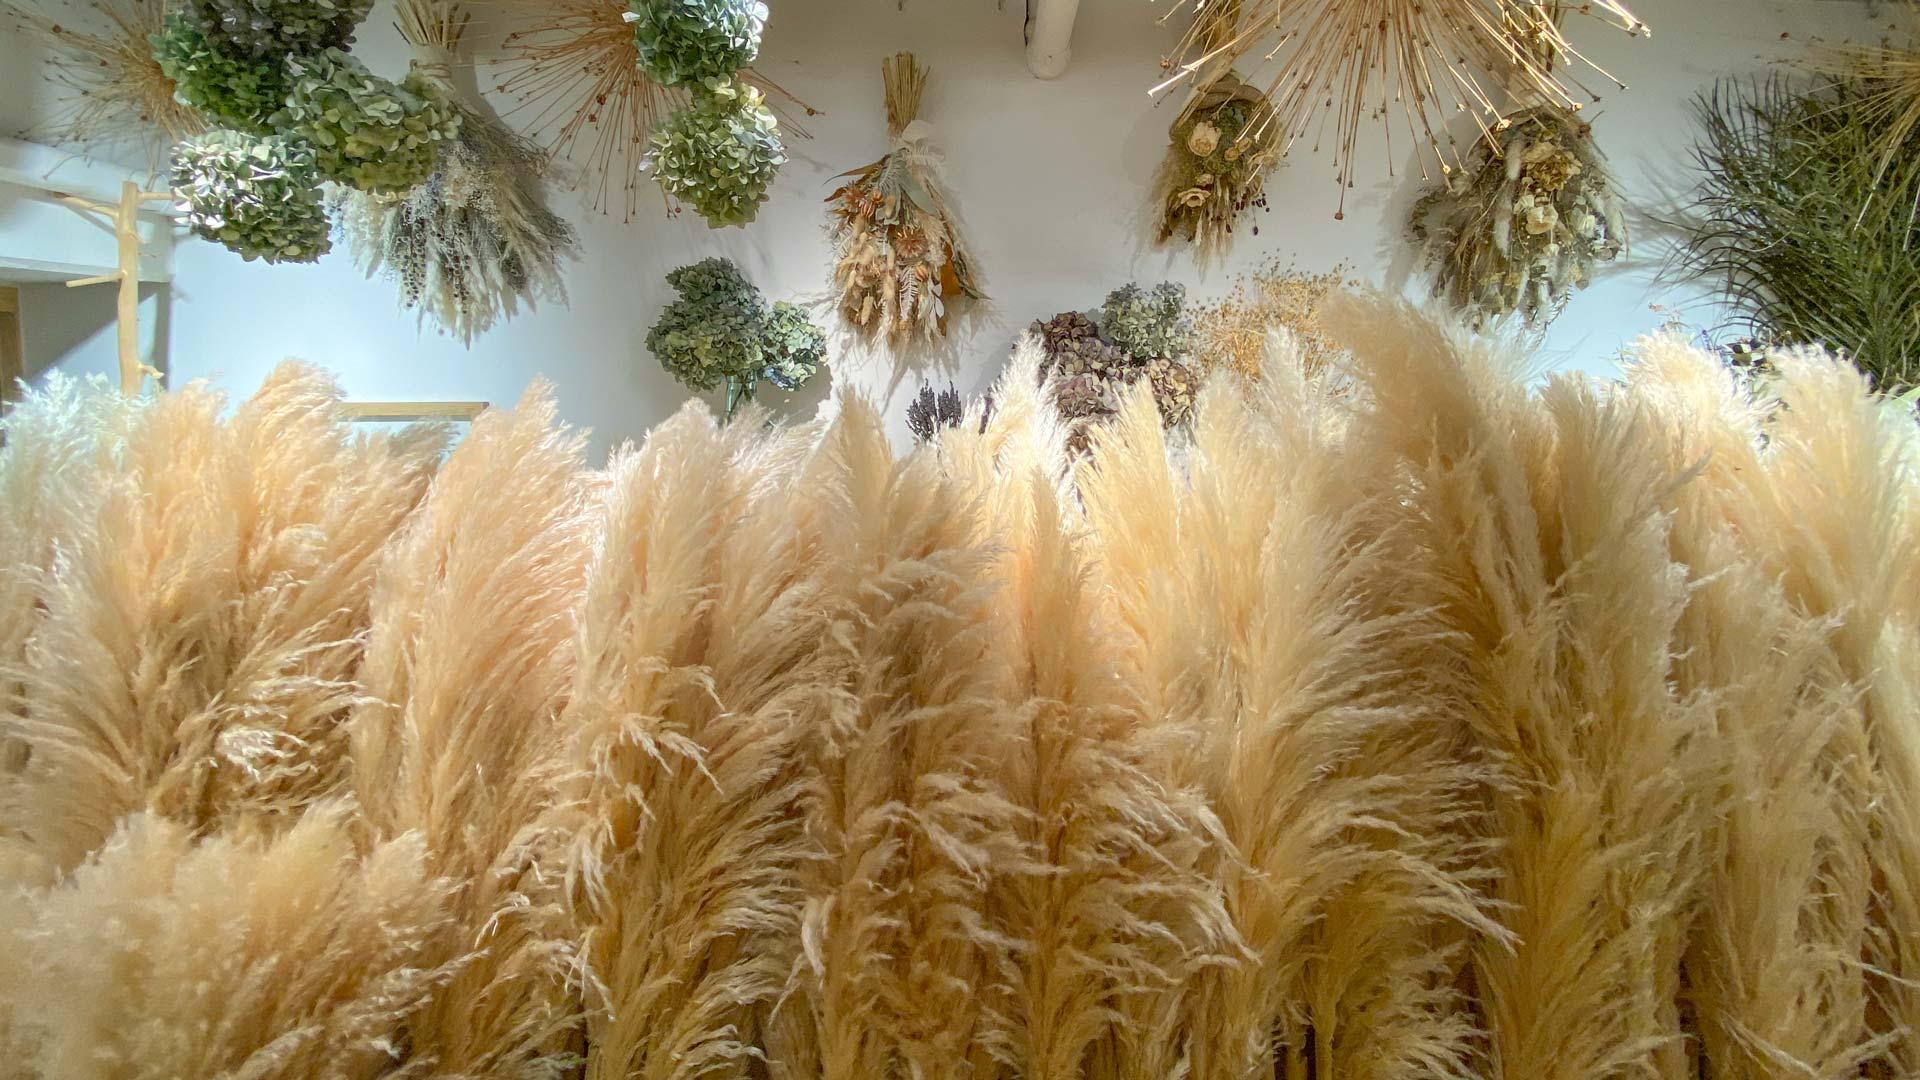 ふわふわなパンパスグラス Pampas Grass